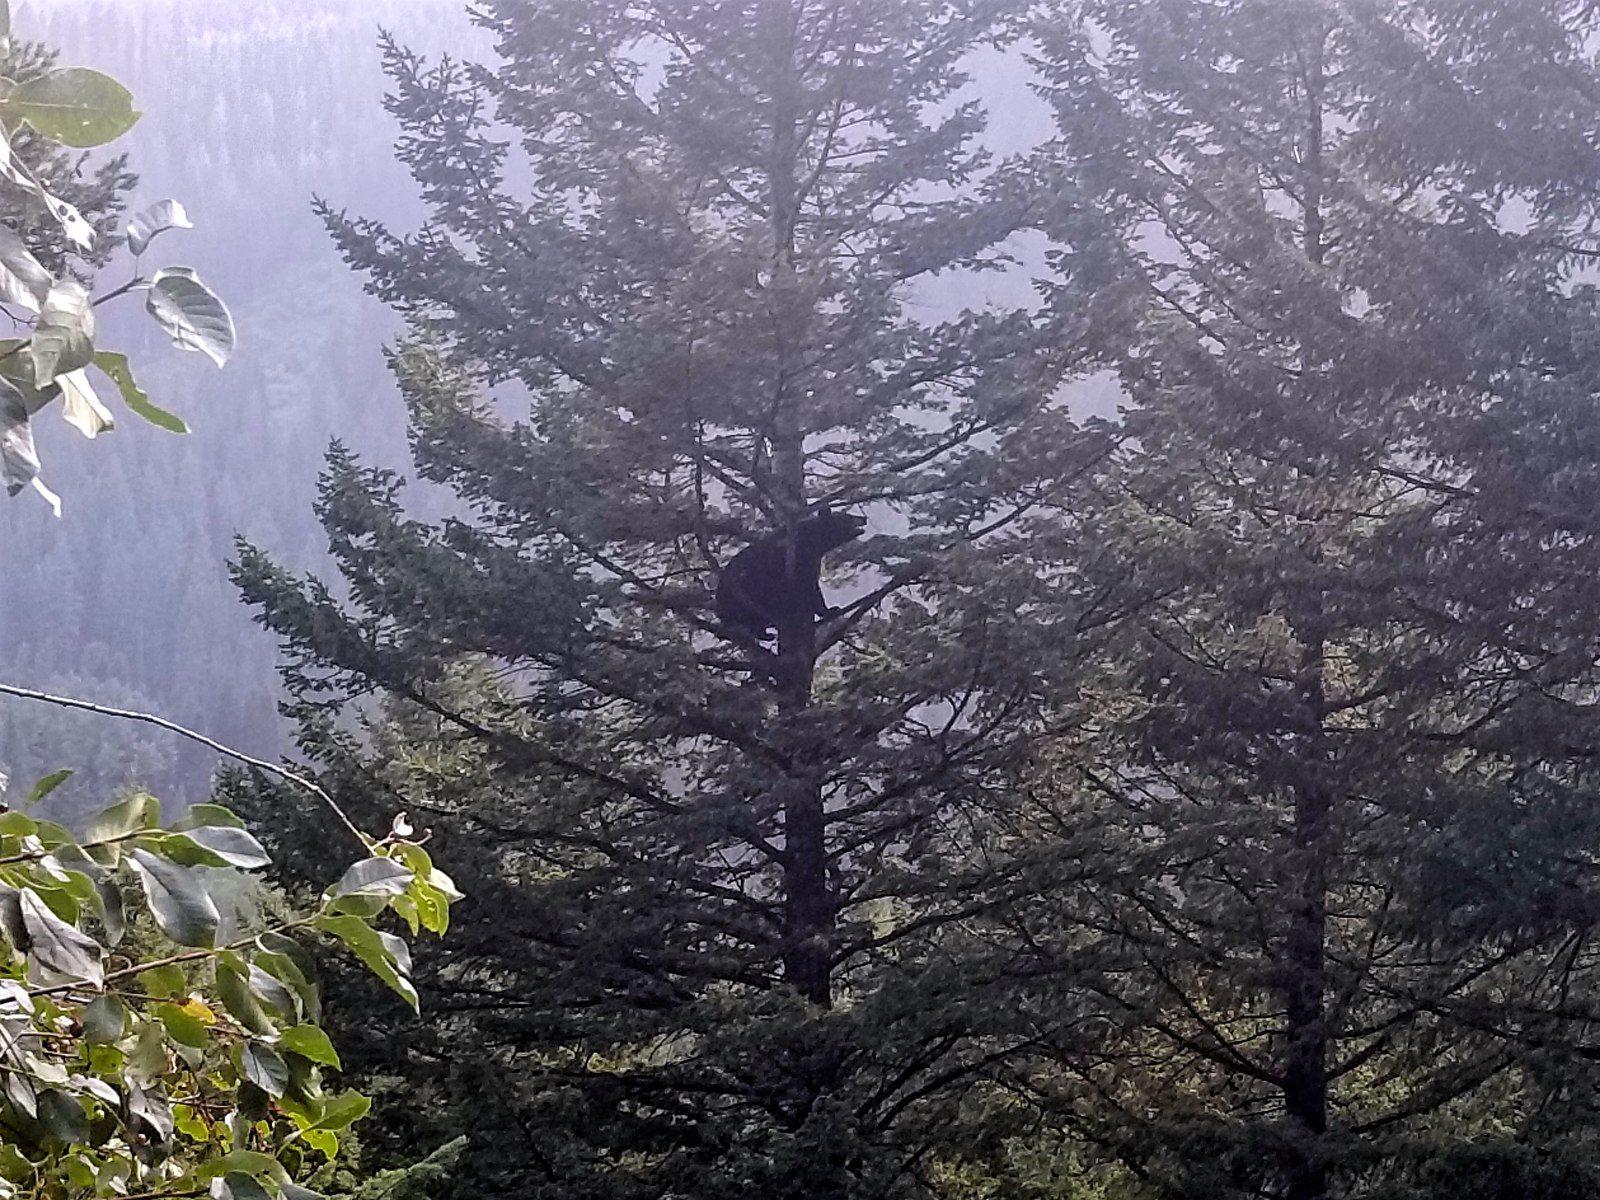 Bear in a tree at Grand Teton National Park